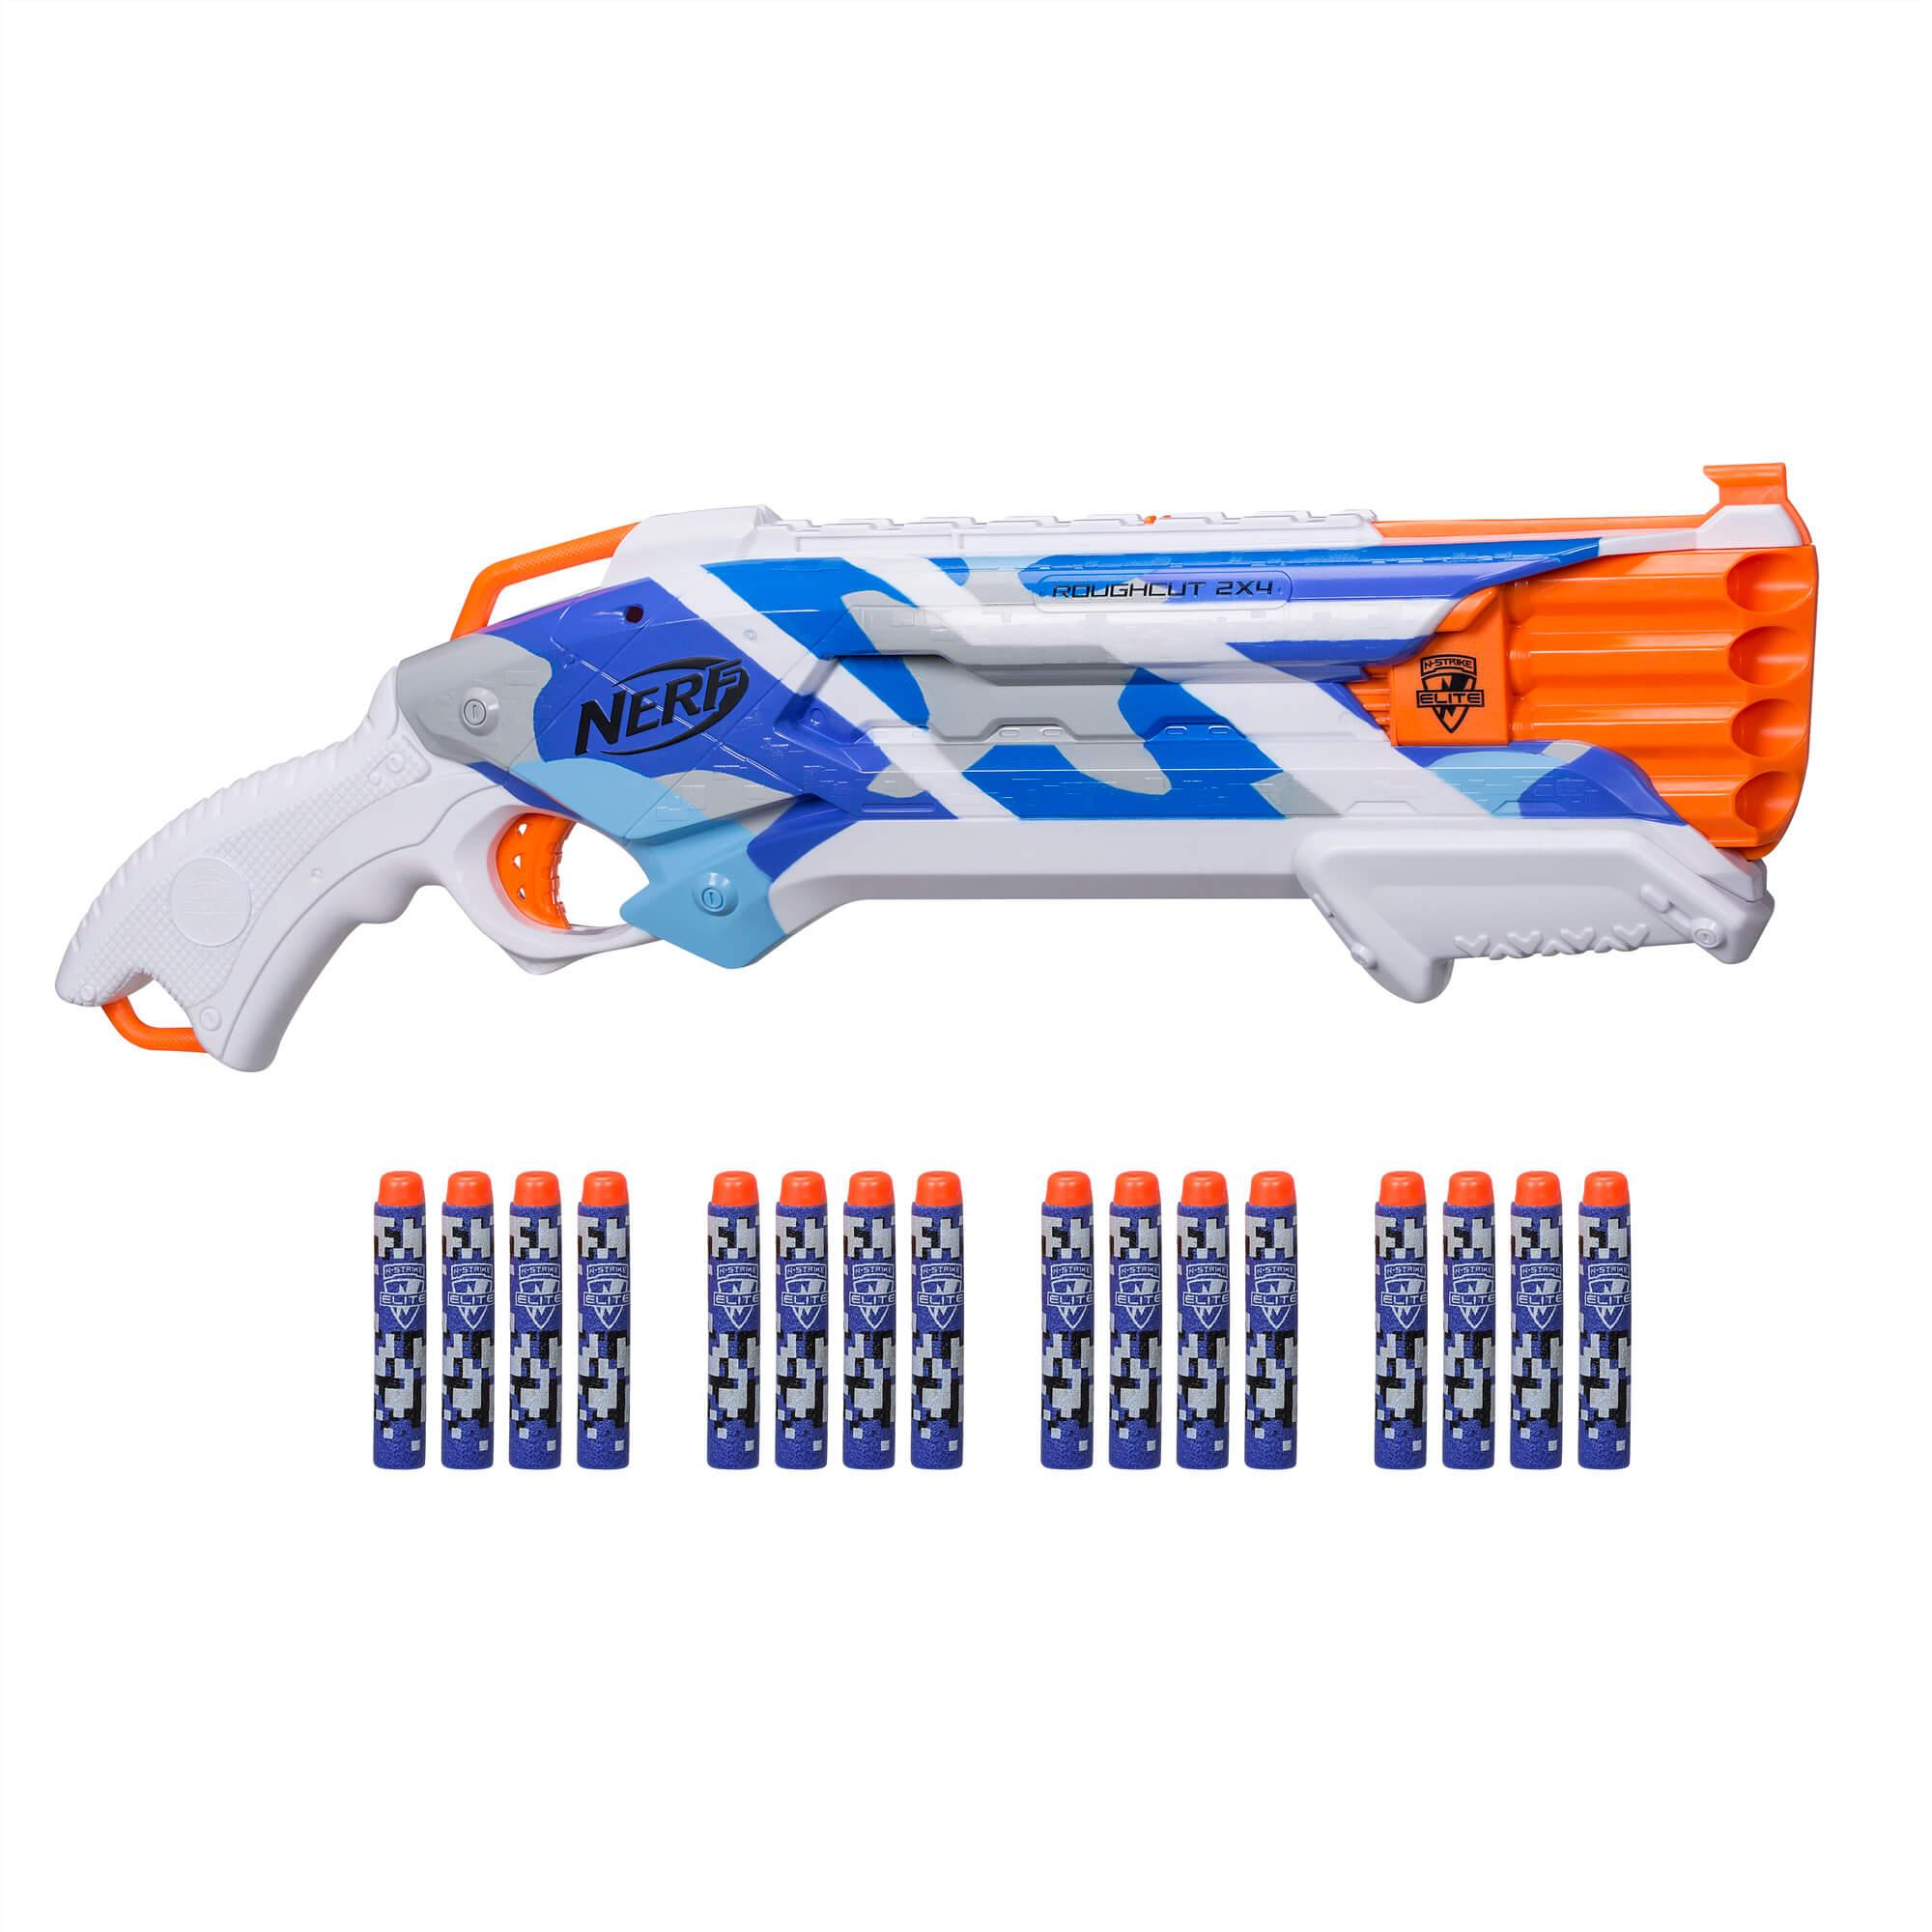 Mua đồ chơi súng NERF E2287 - (Mã: E2287) Súng NERF Rough Cut 2x4 BattleCamo (dòng N-Strike Elite)